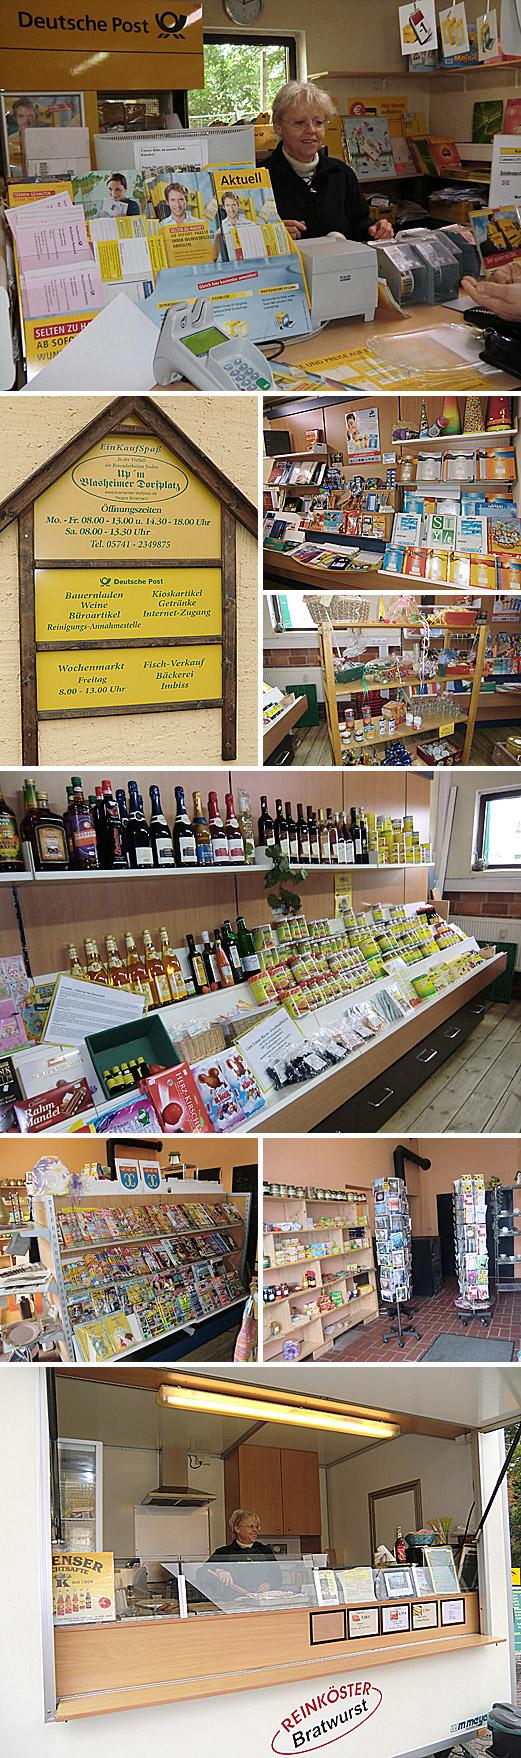 Der Blasheimer Dorfplatz beherbergt ein Einzelhandelsgeschäft, das die verschiedensten Waren und Dienstleistungen anbietet, eine Bäckerei und eine Postfiliale.